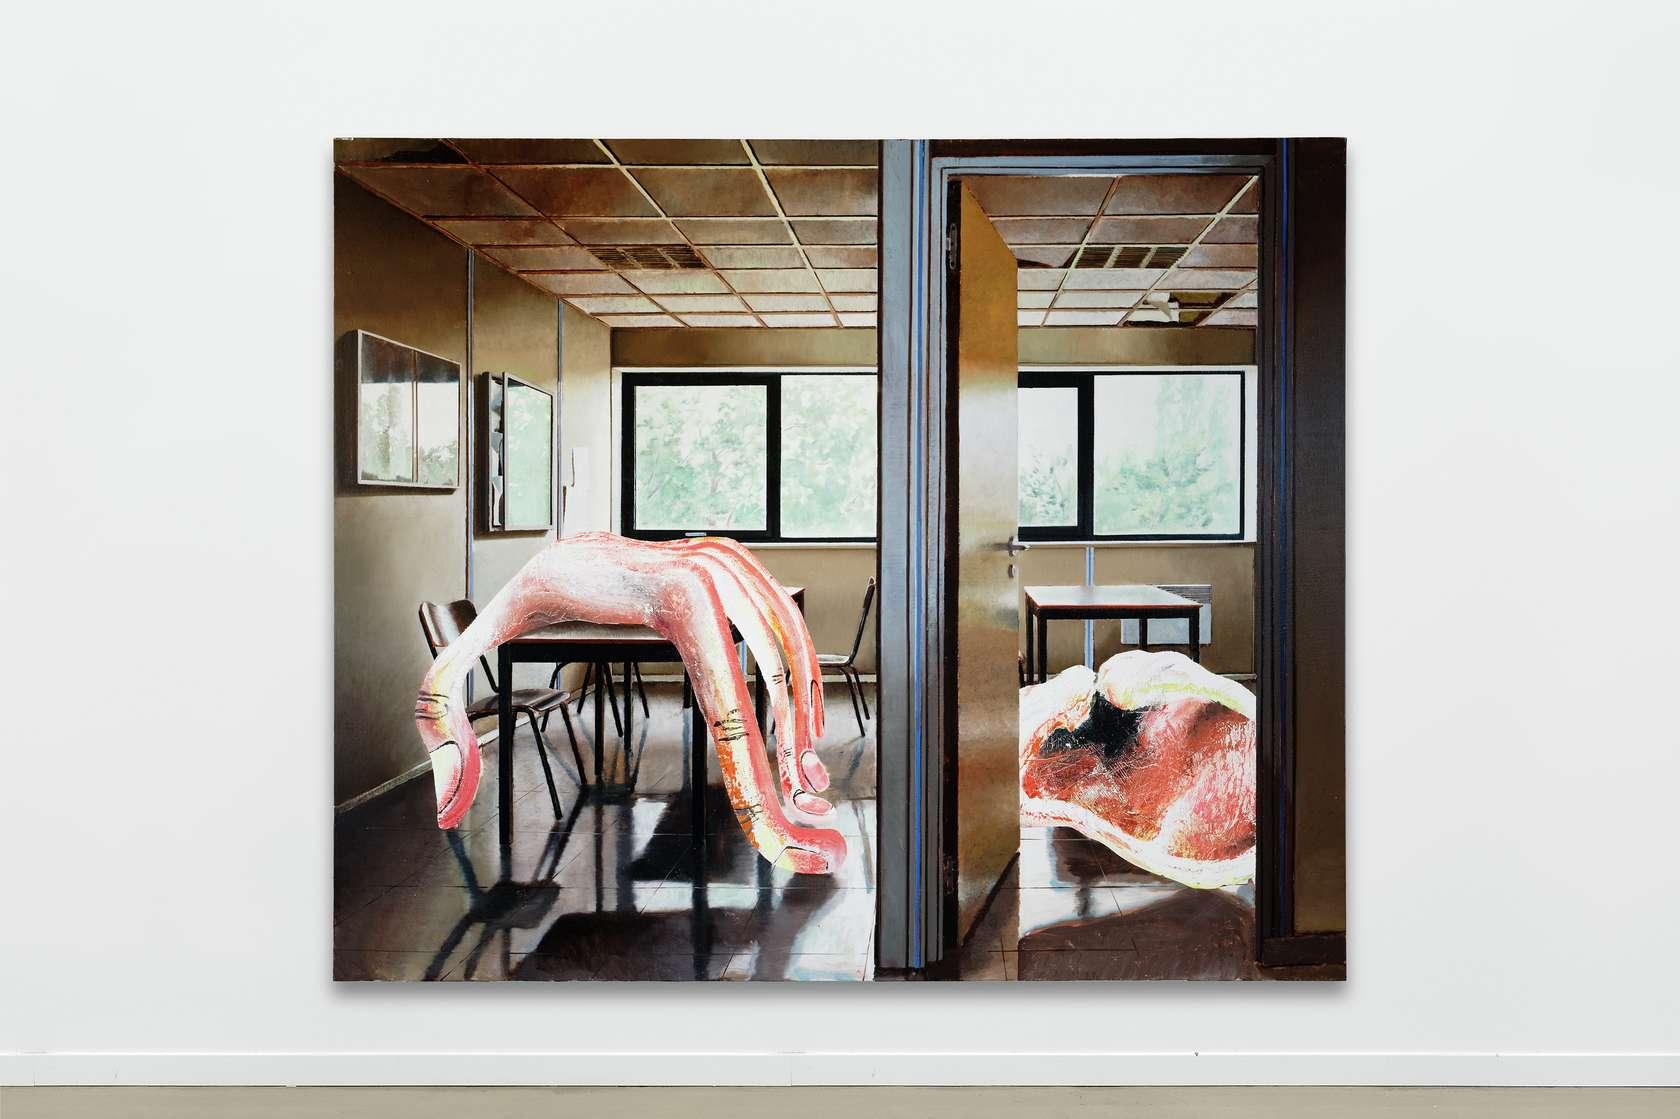 Laurent Proux, Salle de repos, 2018 Huile sur toile200 x 240cm / 78 6/8 x 94 1/2inches